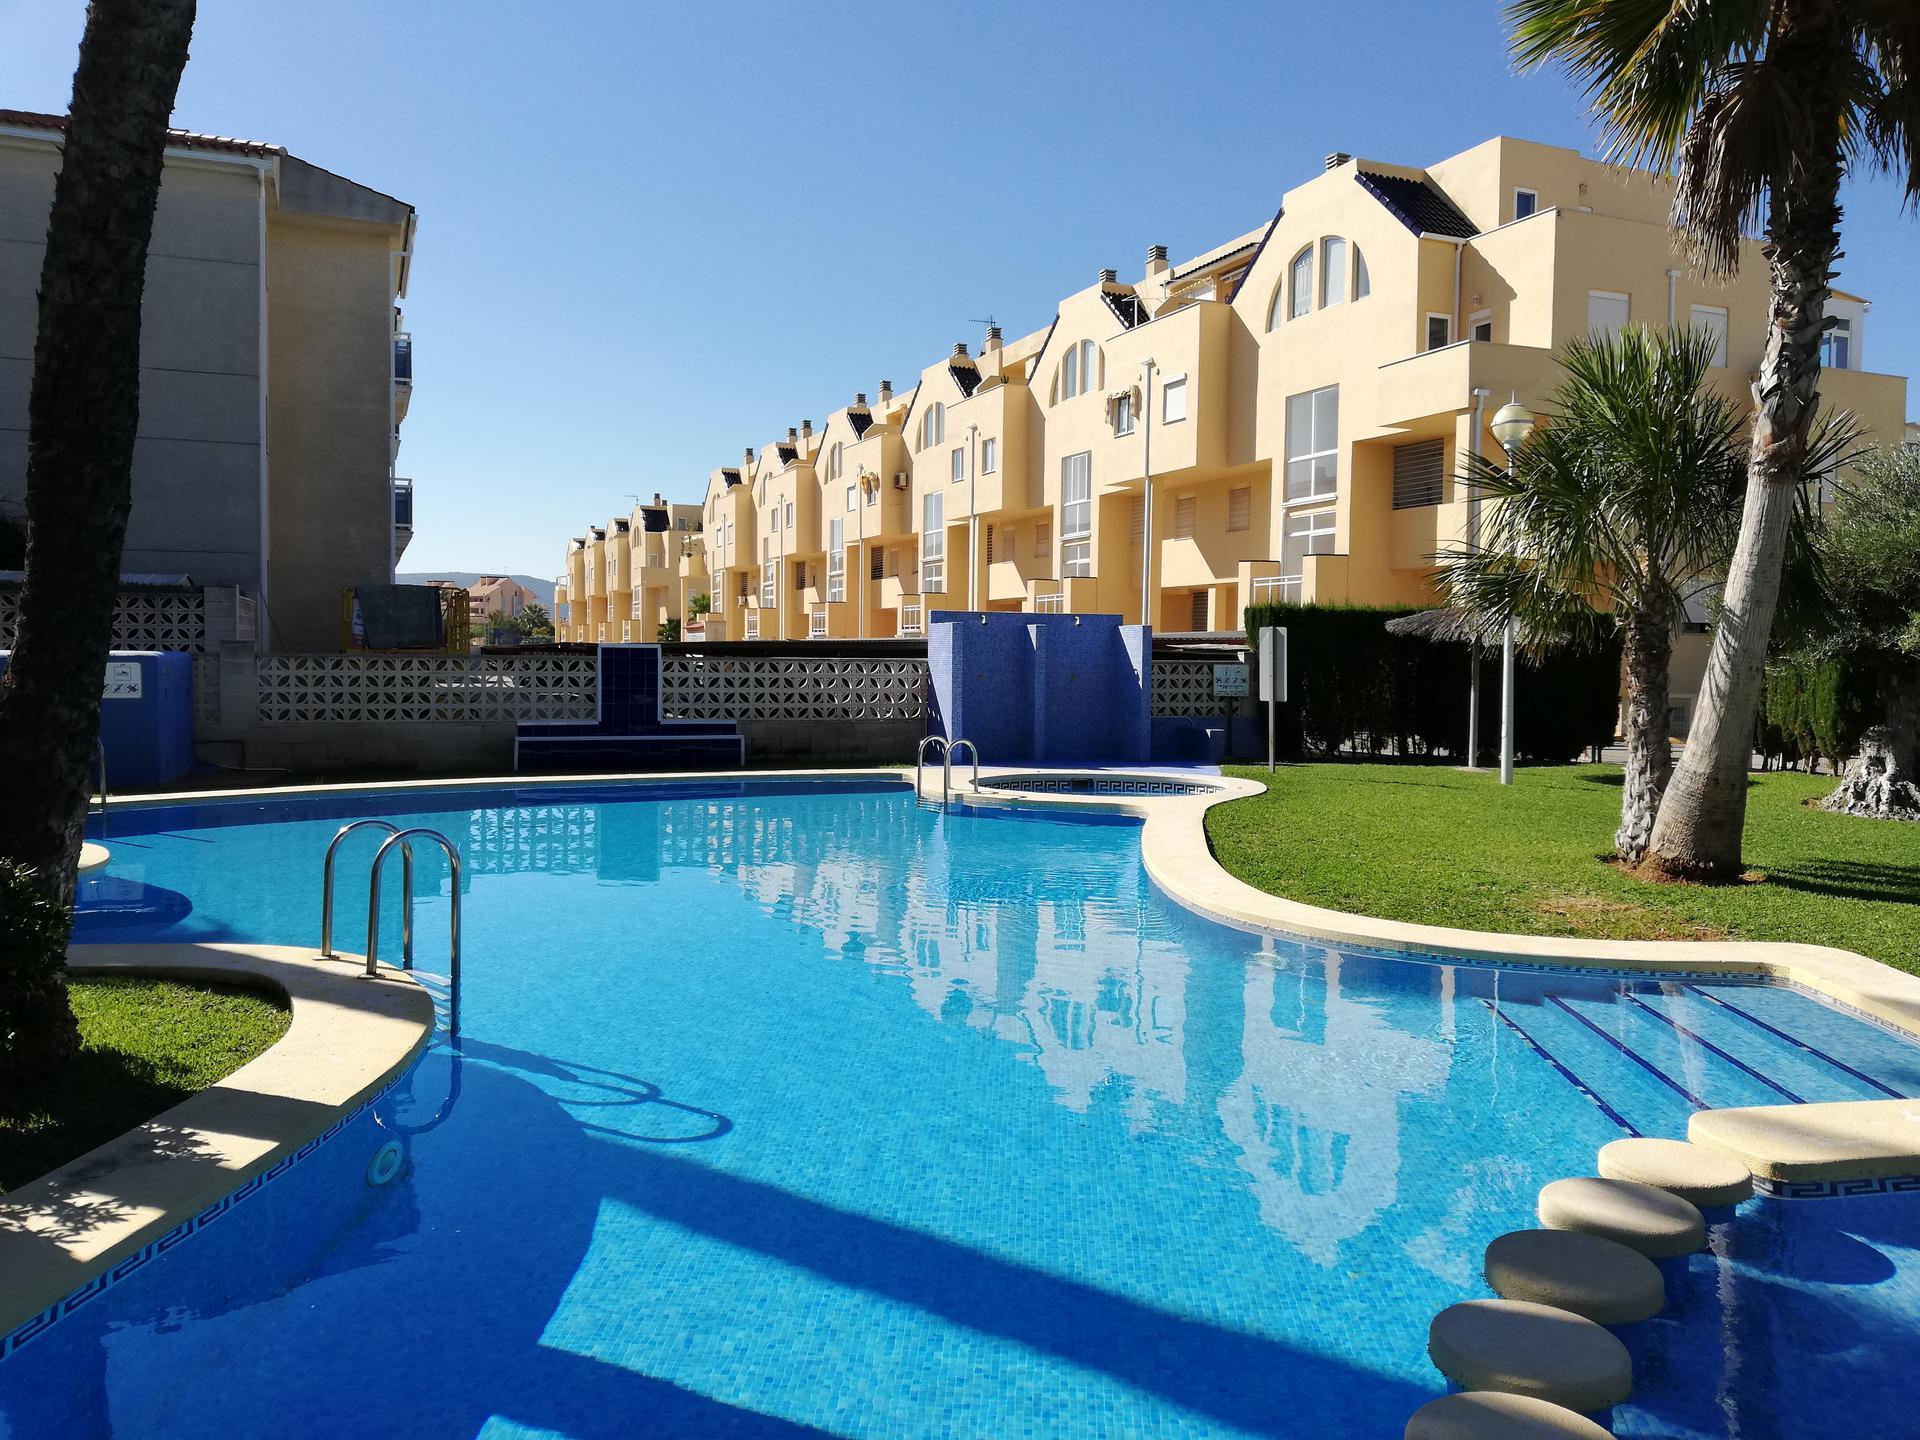 Apartamento -                                       Denia -                                       2 dormitorios -                                       5 ocupantes